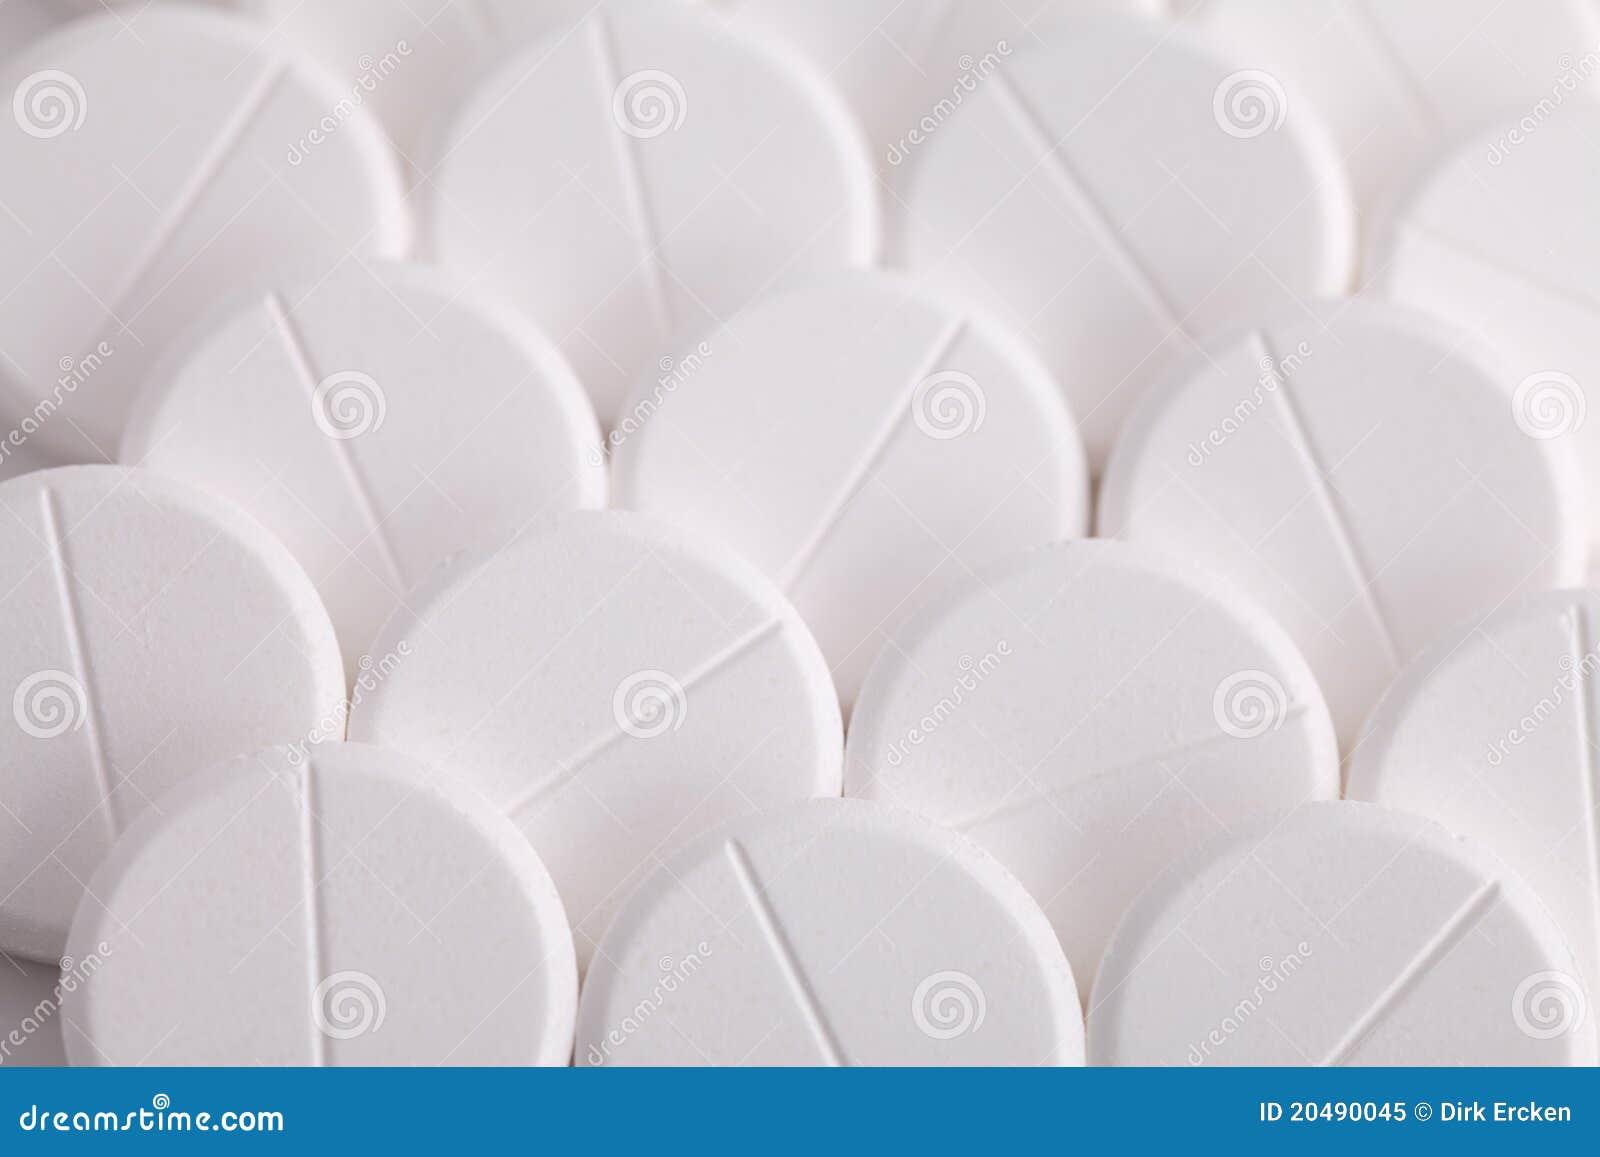 阿斯匹灵止痛药扑热息痛药片来回白&#